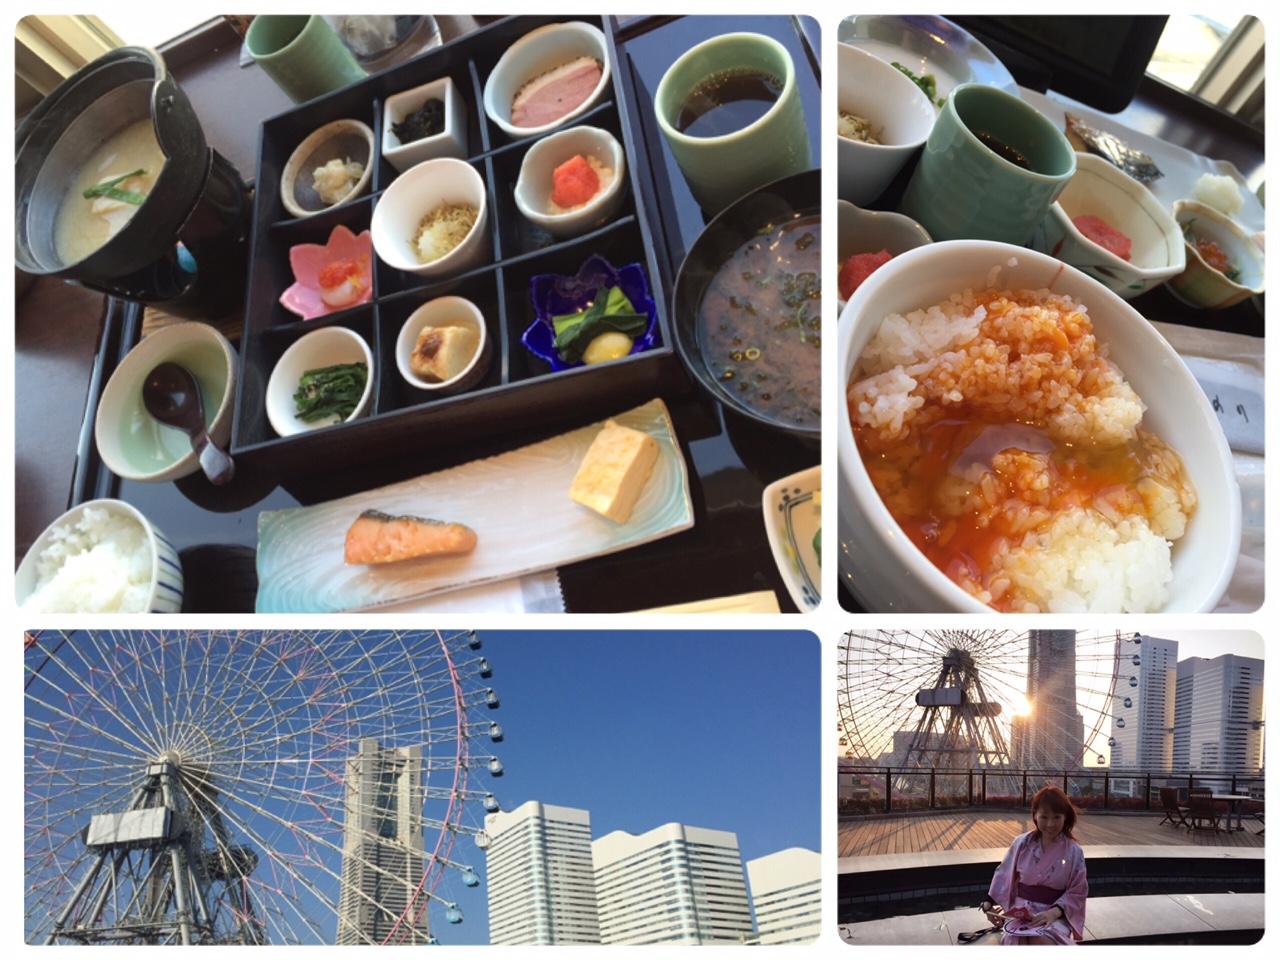 【横浜】万葉の湯みなとみらい 宿泊限定「豪華朝ごはん」がすごい!